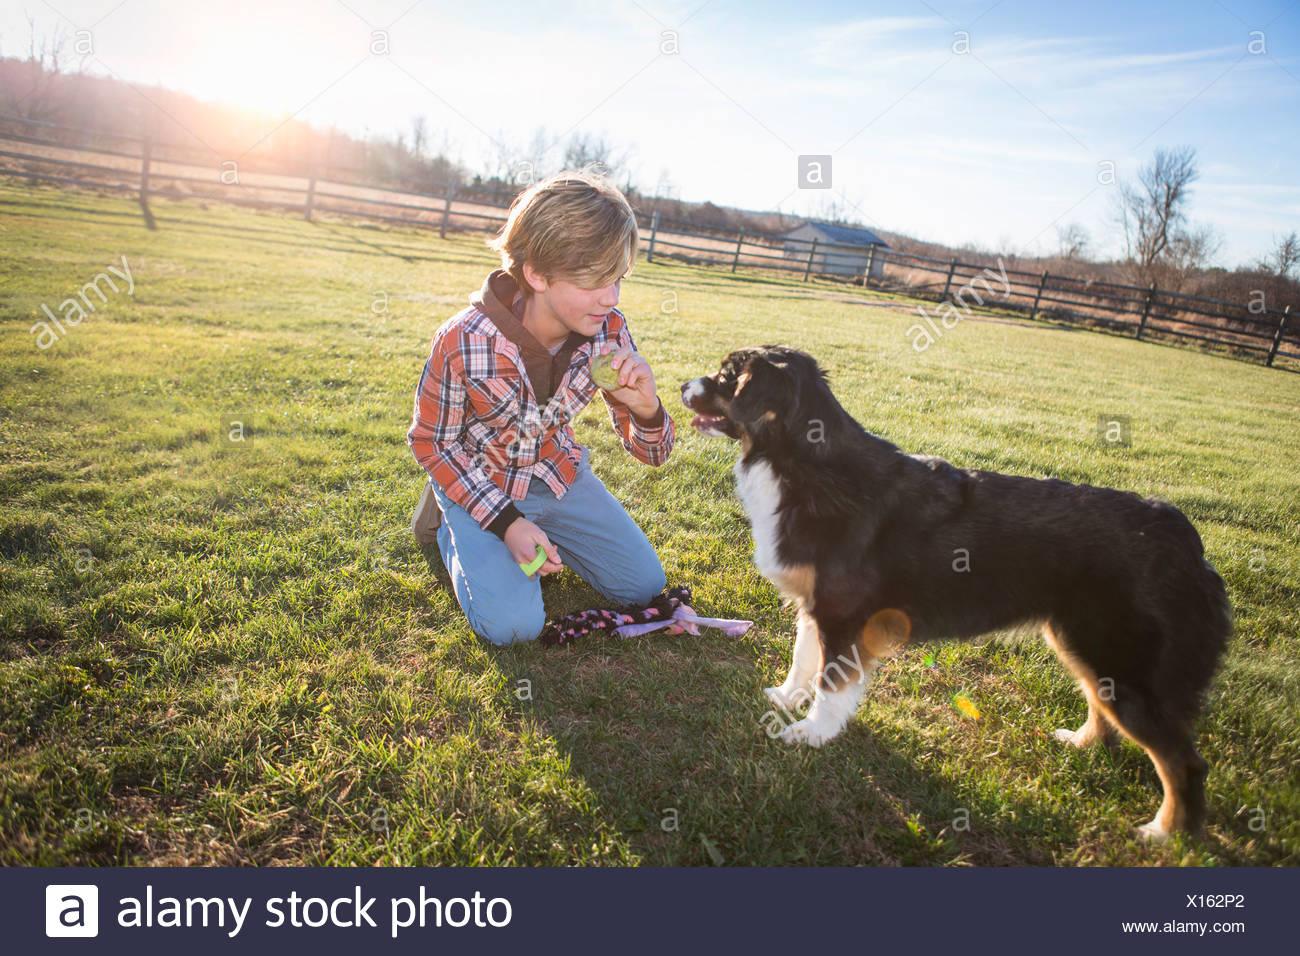 Boy training dog - Stock Image